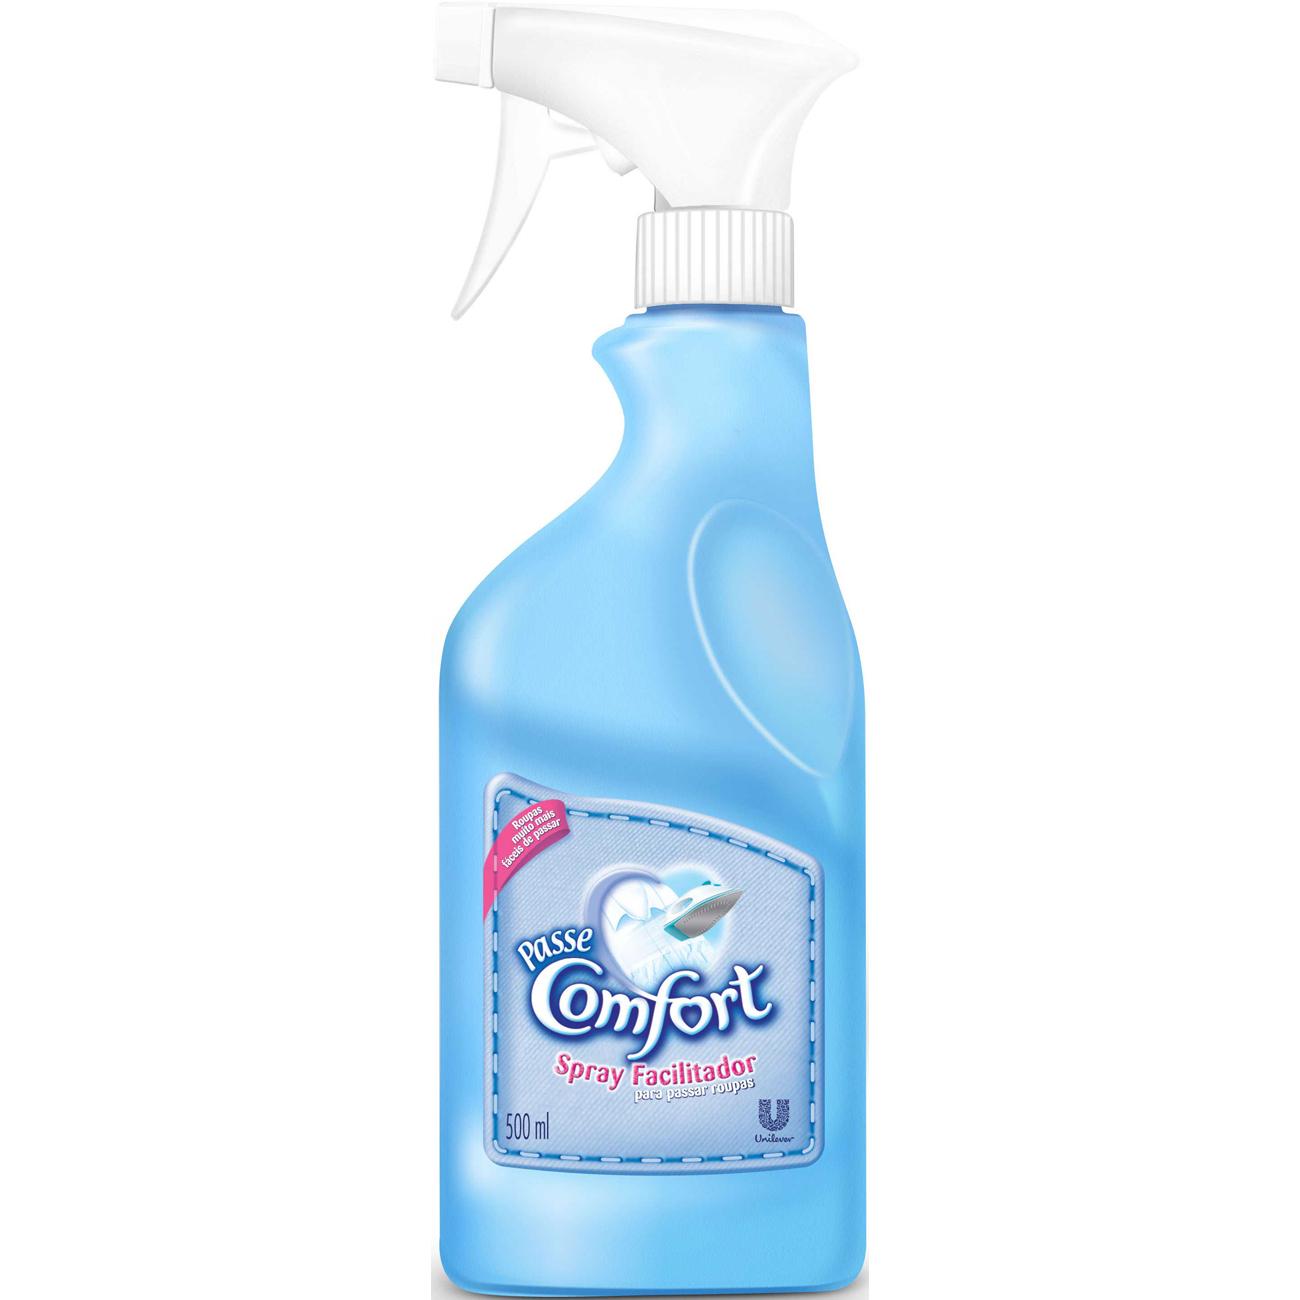 Spray Facilitador Passa Roupas Comfort Gatilho 500Ml